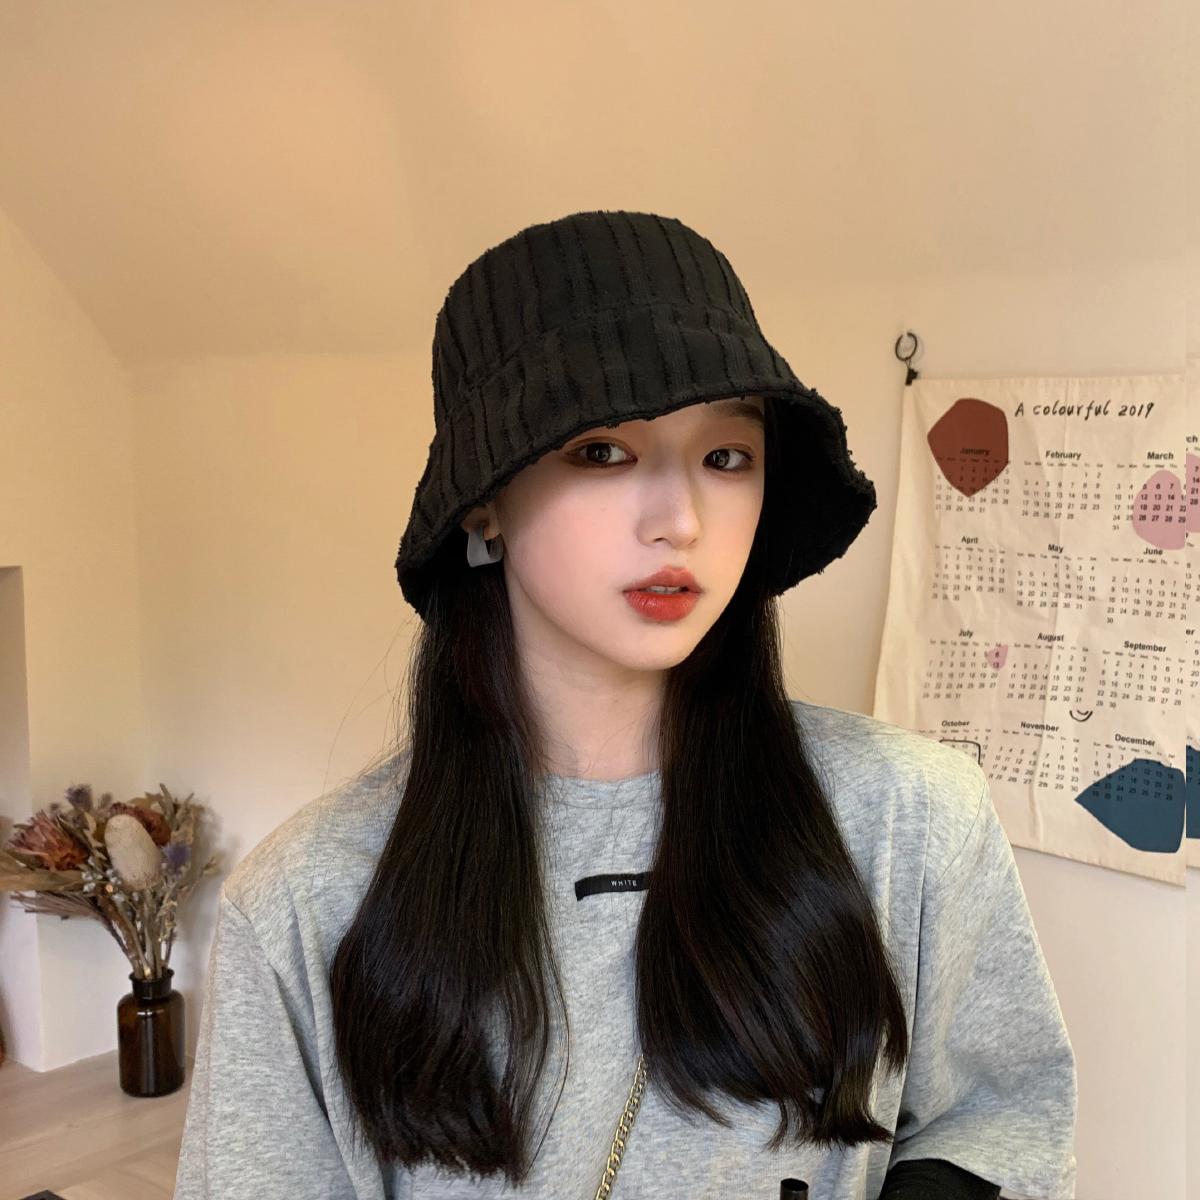 中國代購|中國批發-ibuy99|女士帽子|小边渔夫帽太阳冒子女帽防晒夏天女士帽子洋气漂亮的2021流行女帽